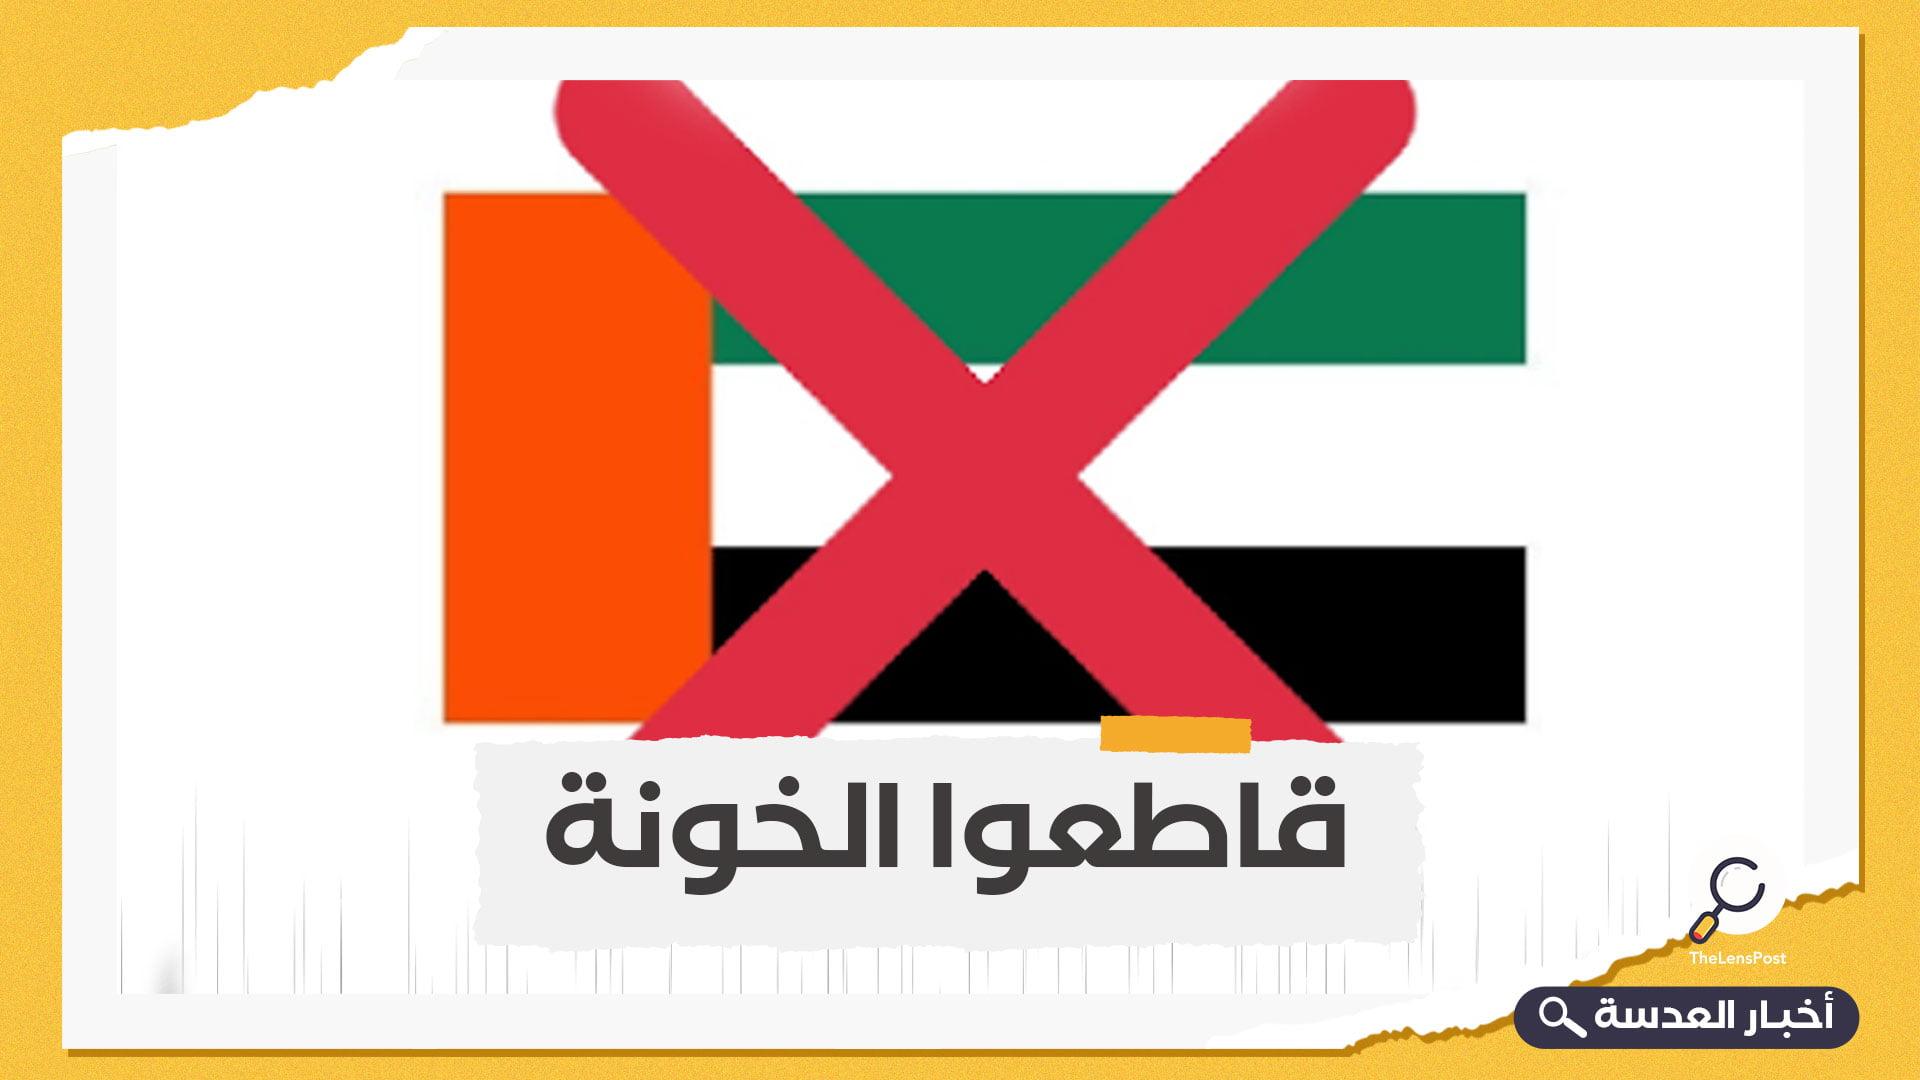 عقابا على التطبيع.. حملة واسعة لمقاطعة المنتجات الإماراتية في عدة دول عربية